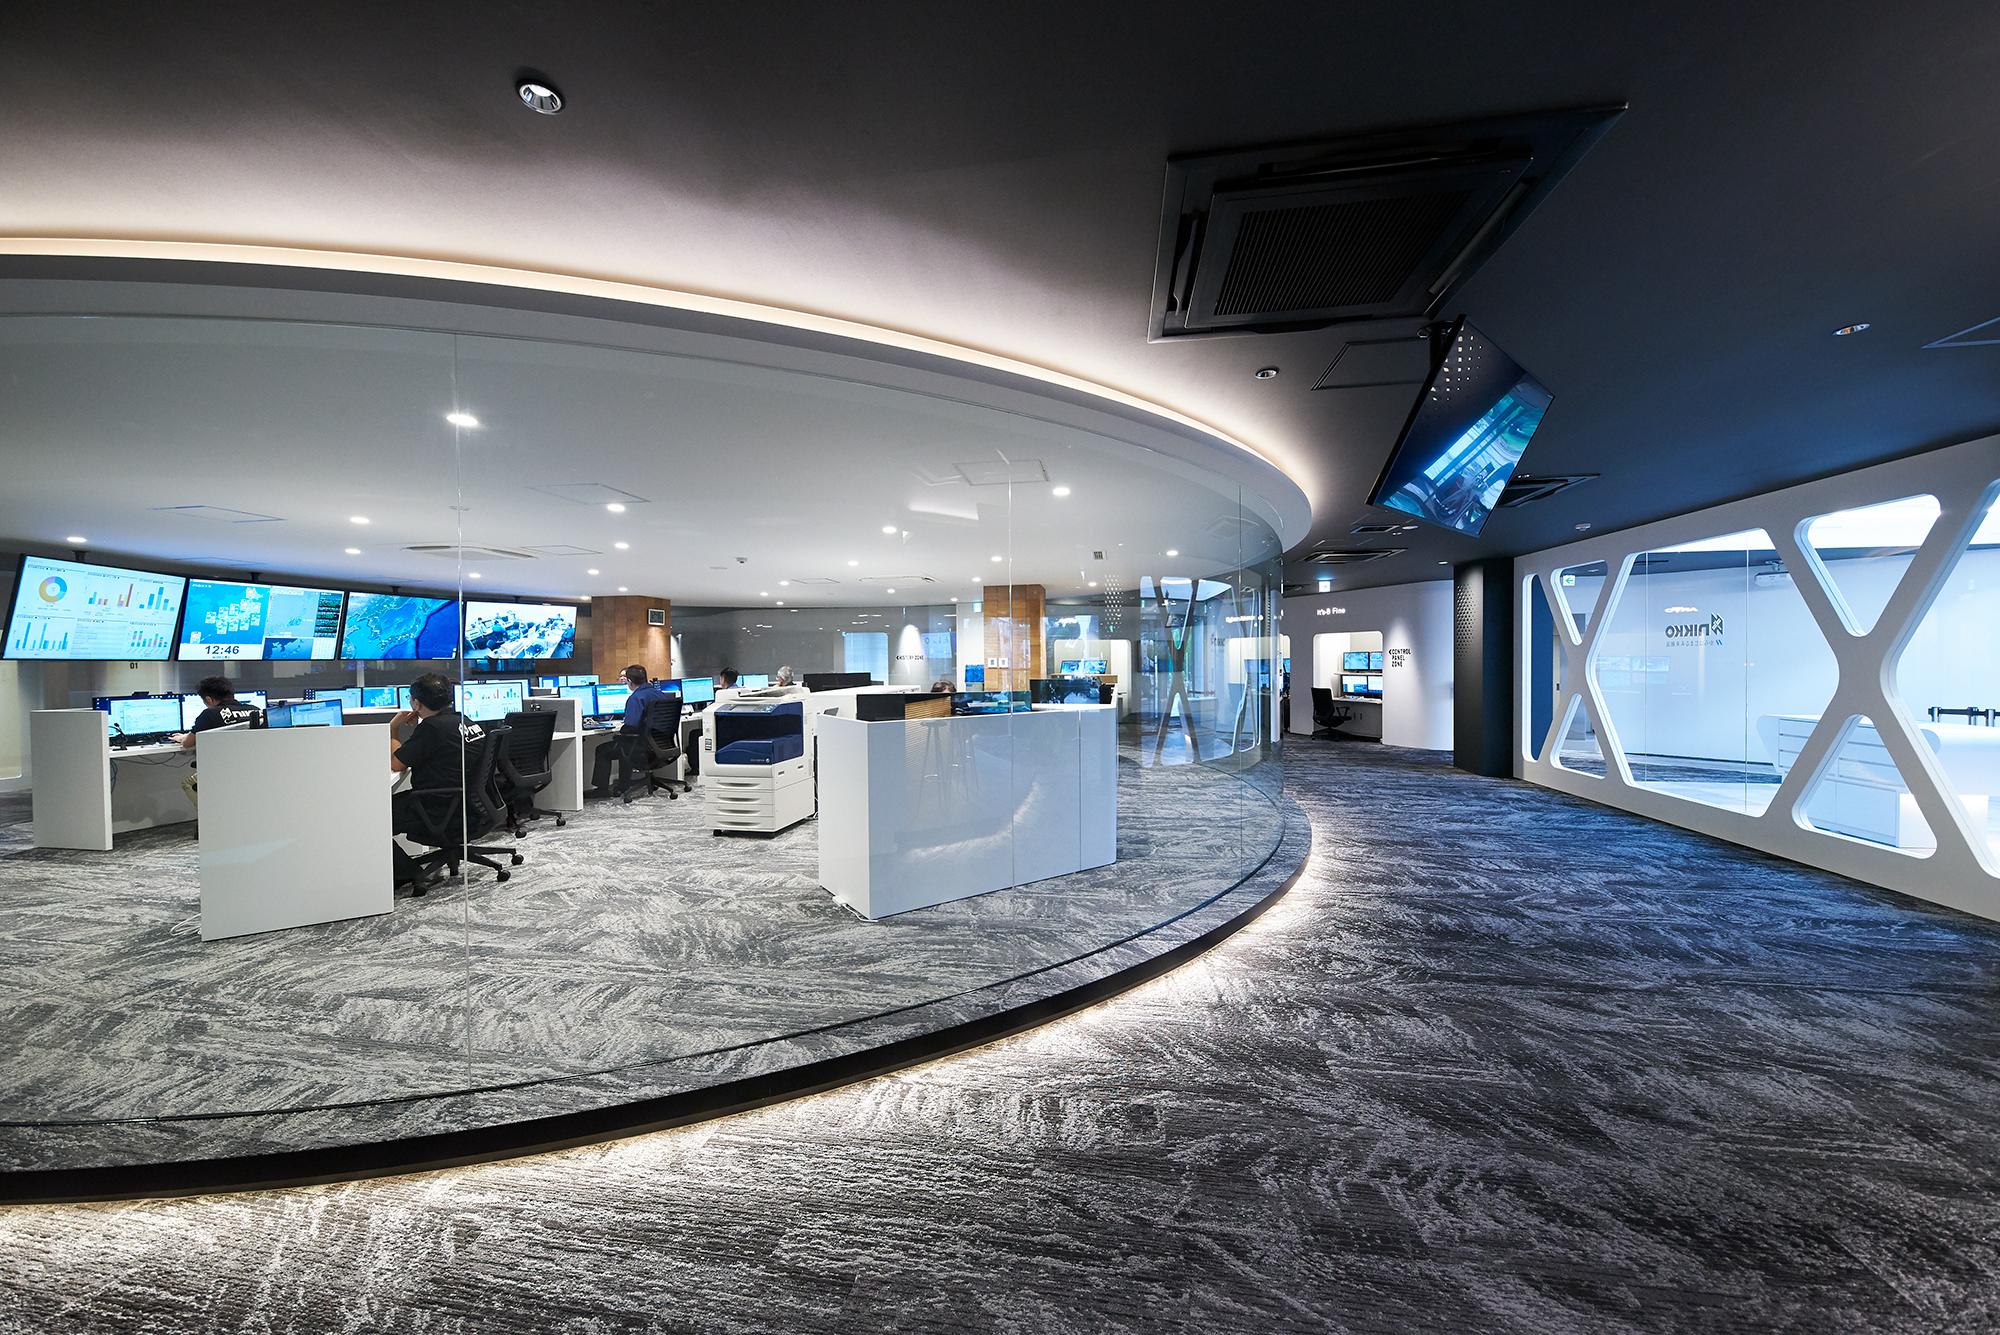 カスタマーサポートセンターとコア技術を企業価値として可視化し、 100周年に向けたブランディングを実施